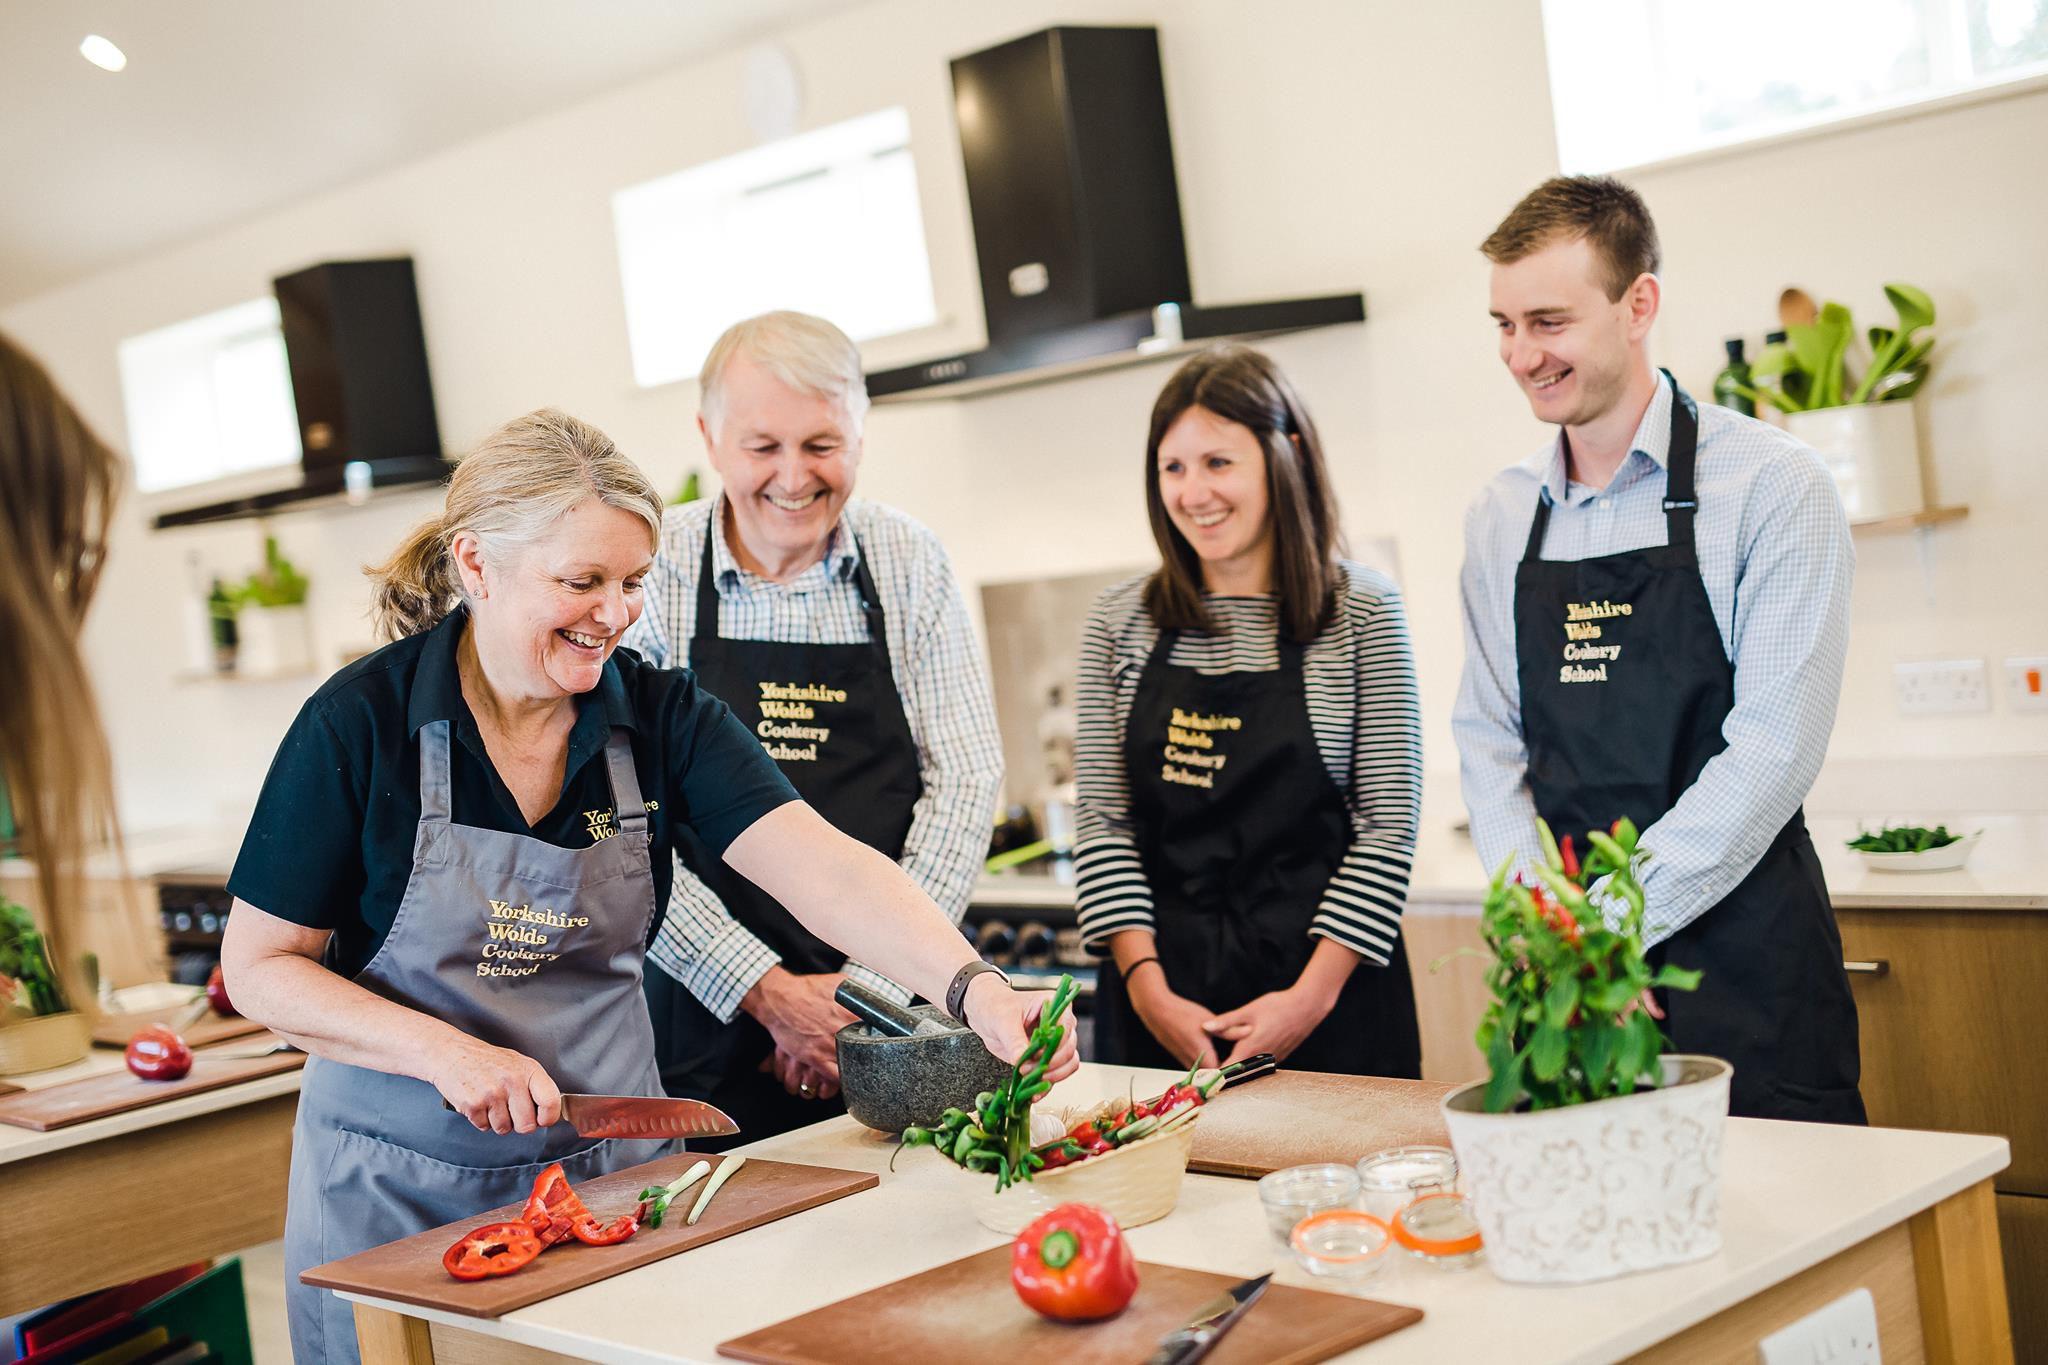 Top 4 UK Cookery Schools for Weekend Getaways